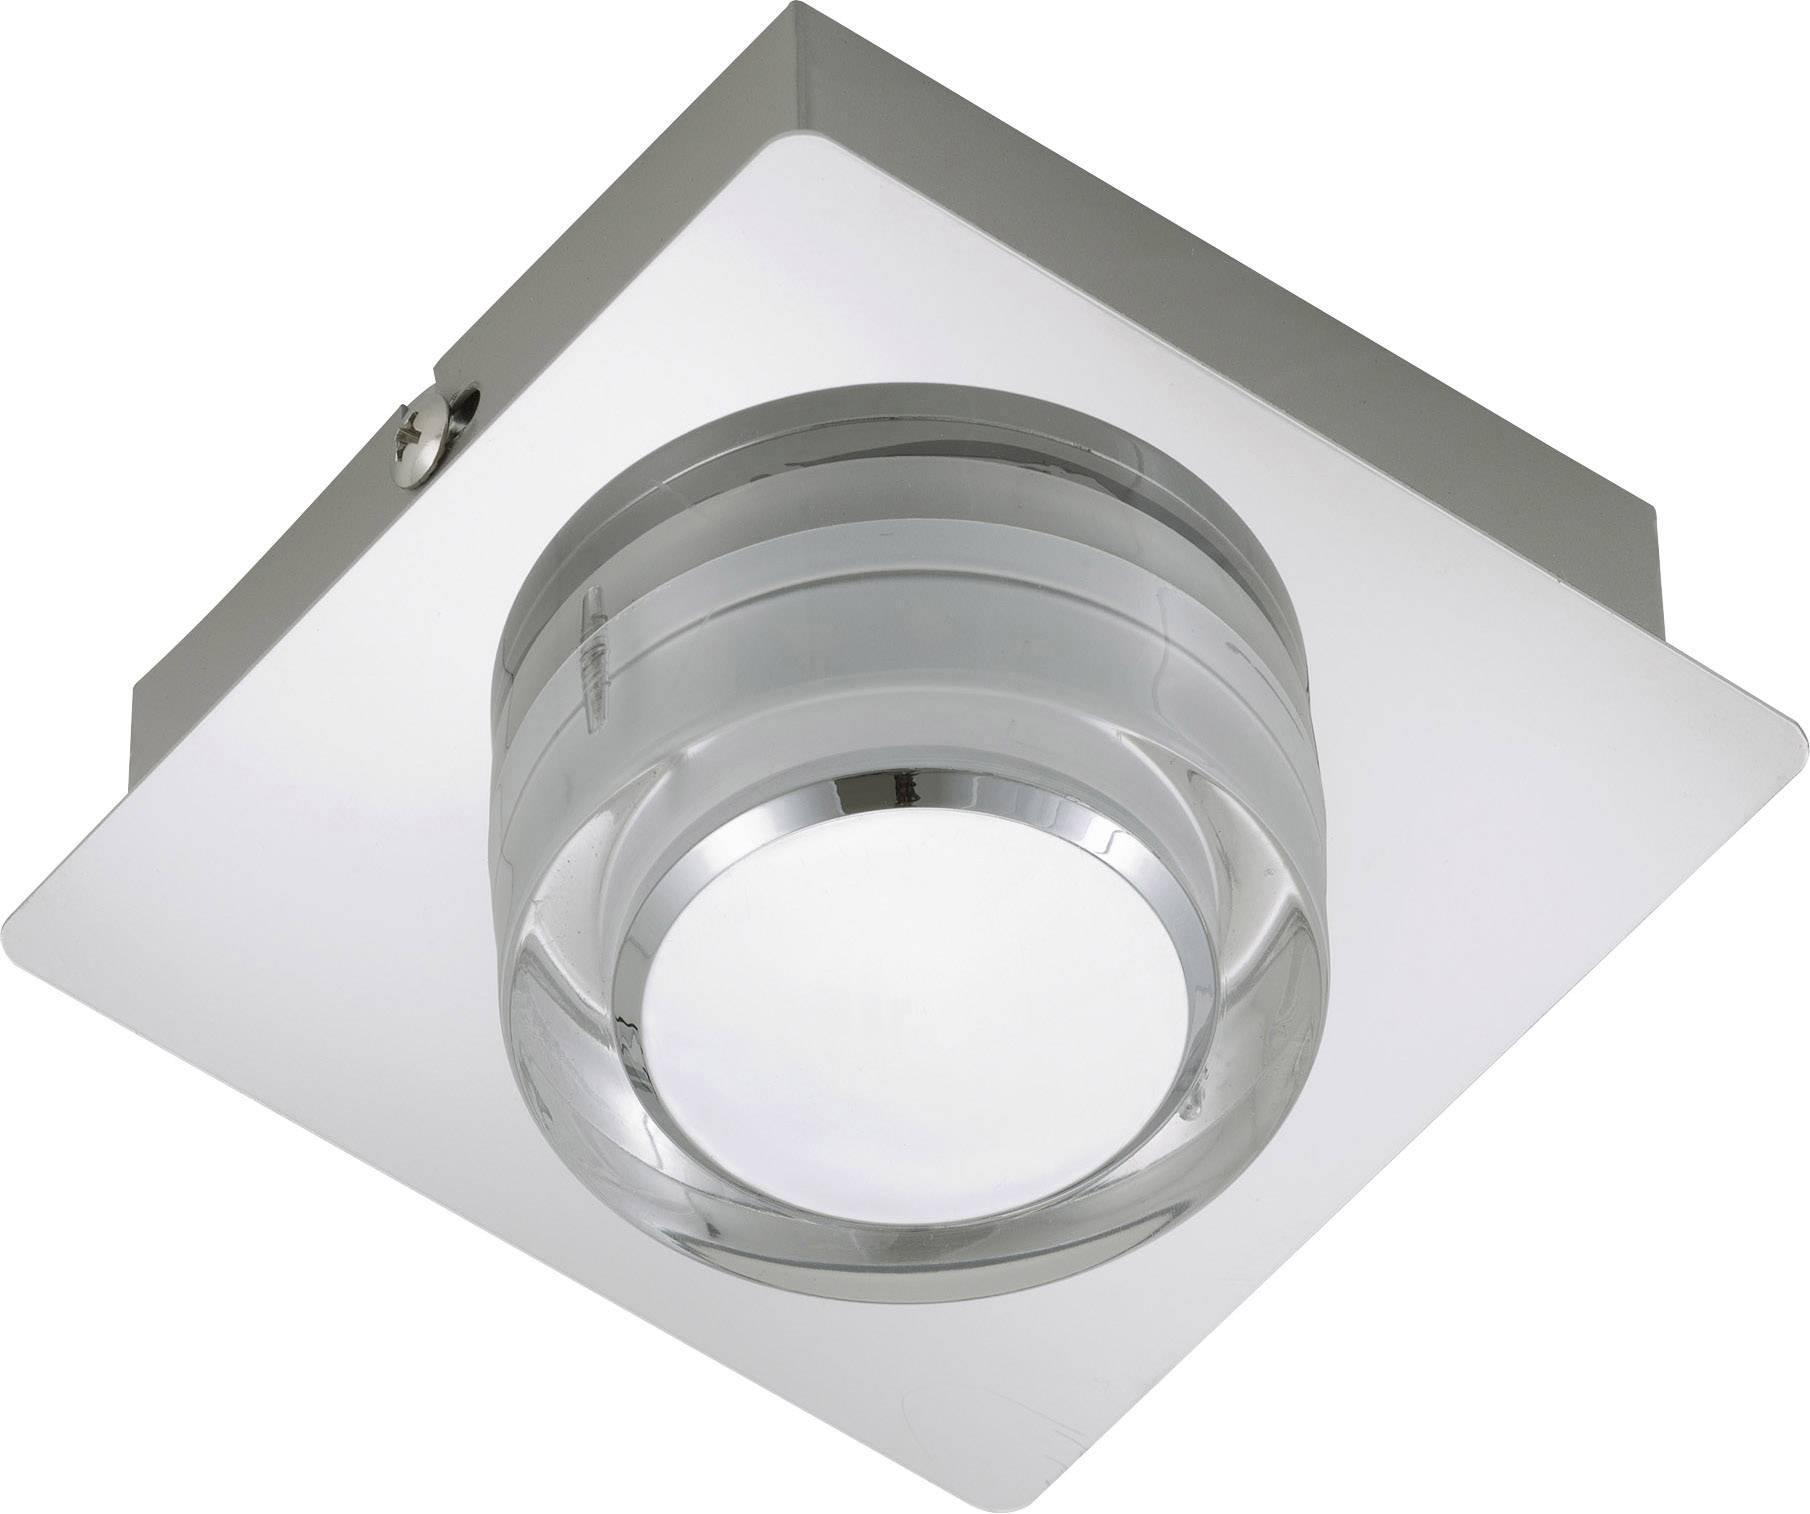 LED-plafondlamp voor badkamer 5 W Warm-wit Briloner 2257-018 Surf ...